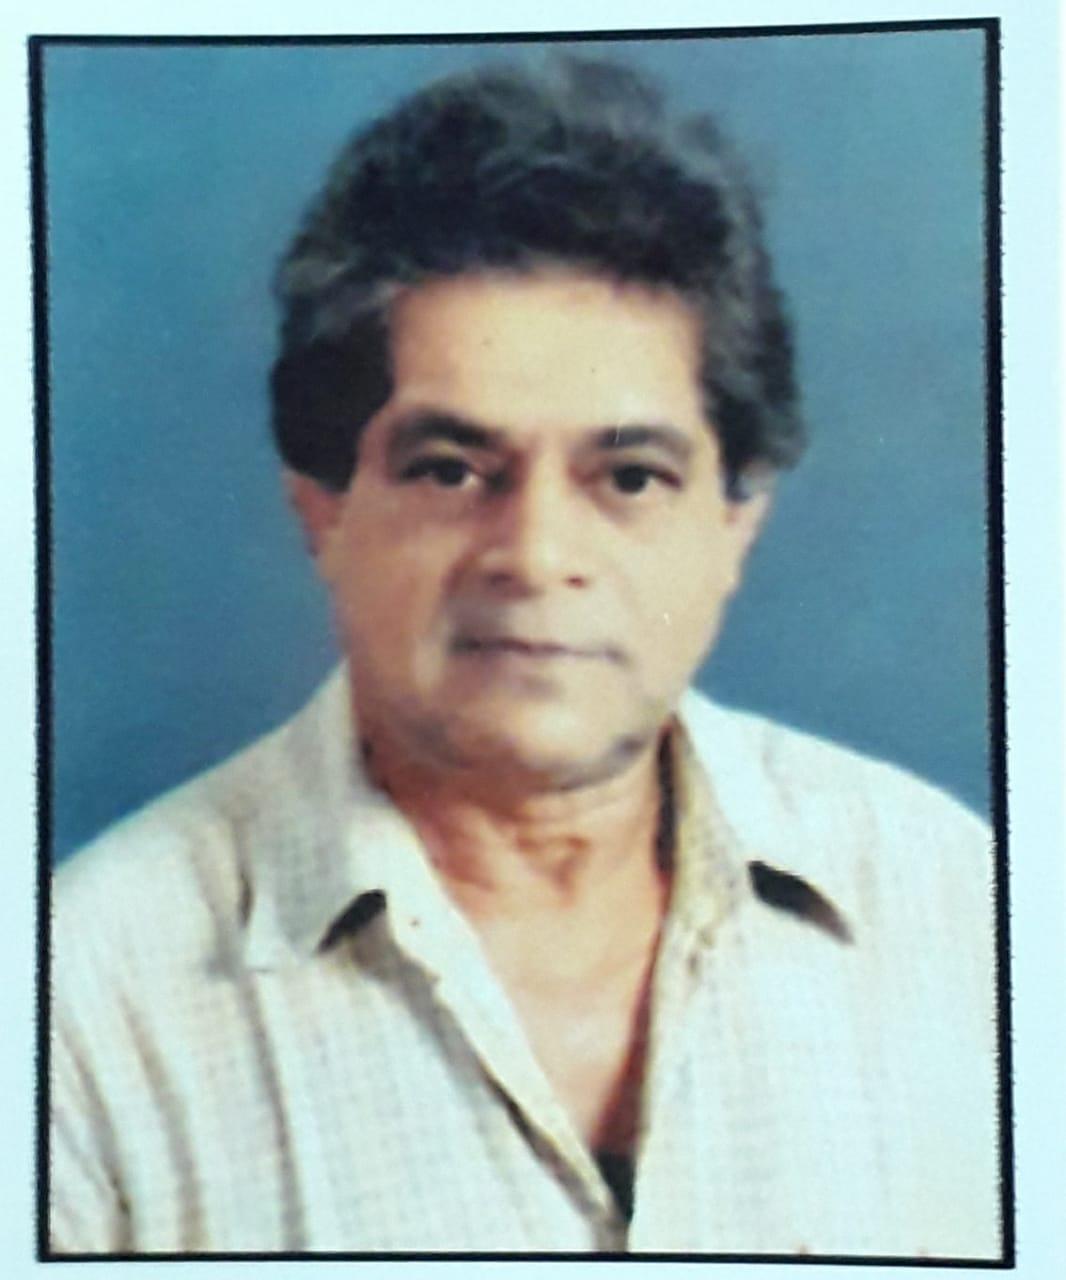 Shri Girish Kelekar